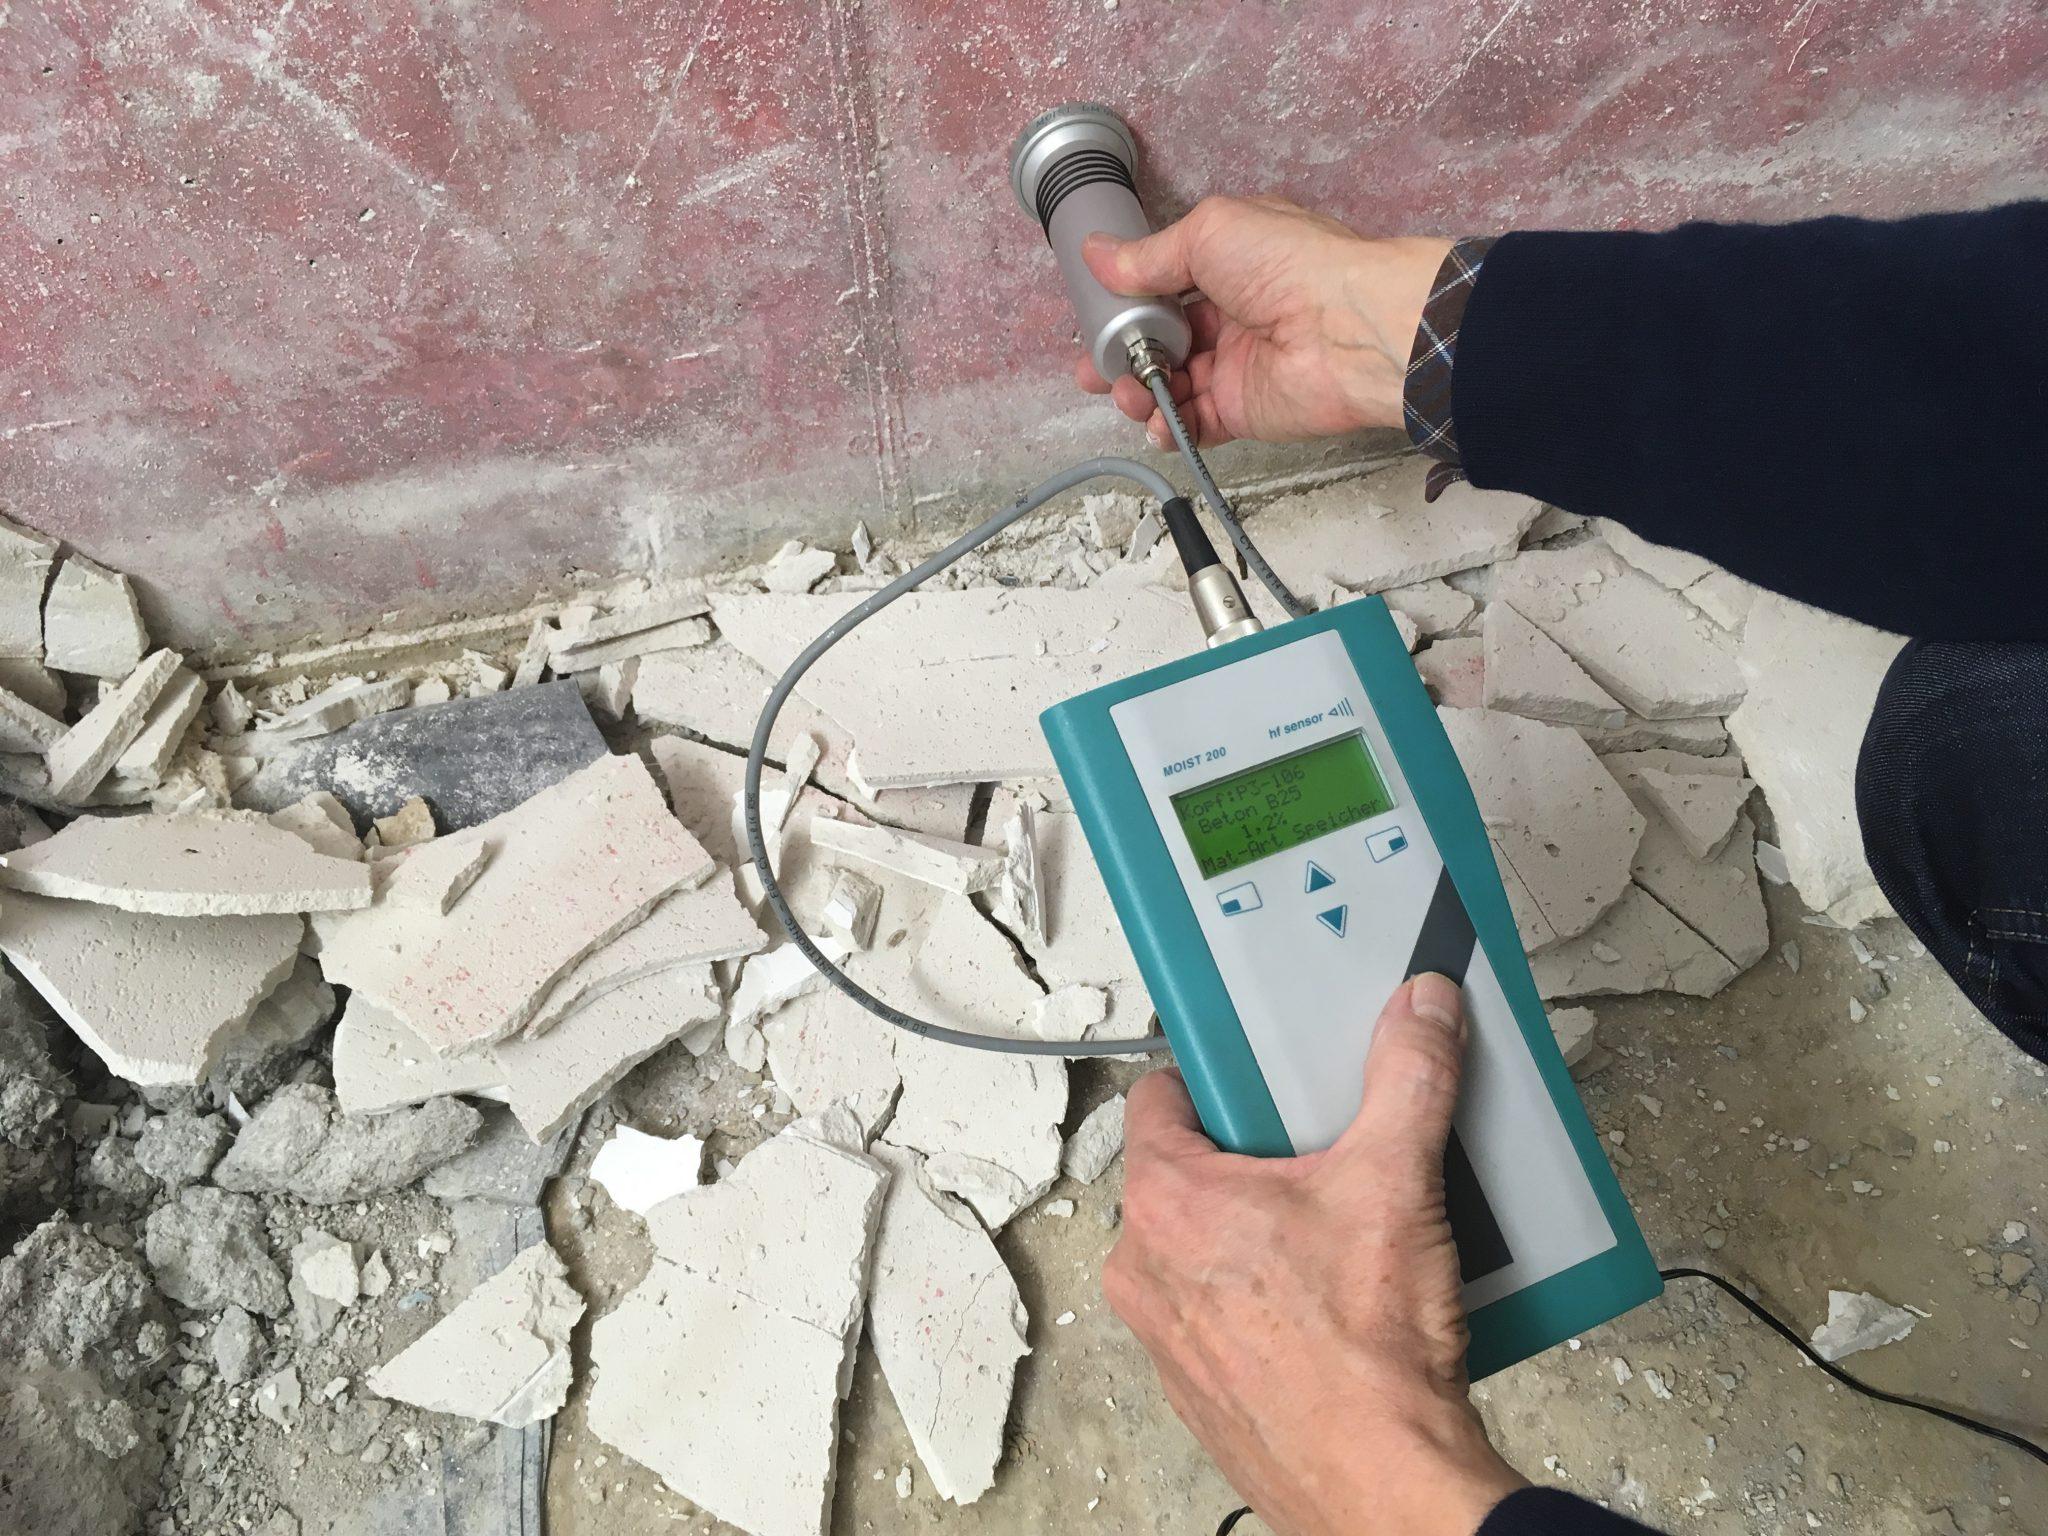 Bau- und Materialfeuchtemessung mit Mikrowellentechnik und Rasterverfahren